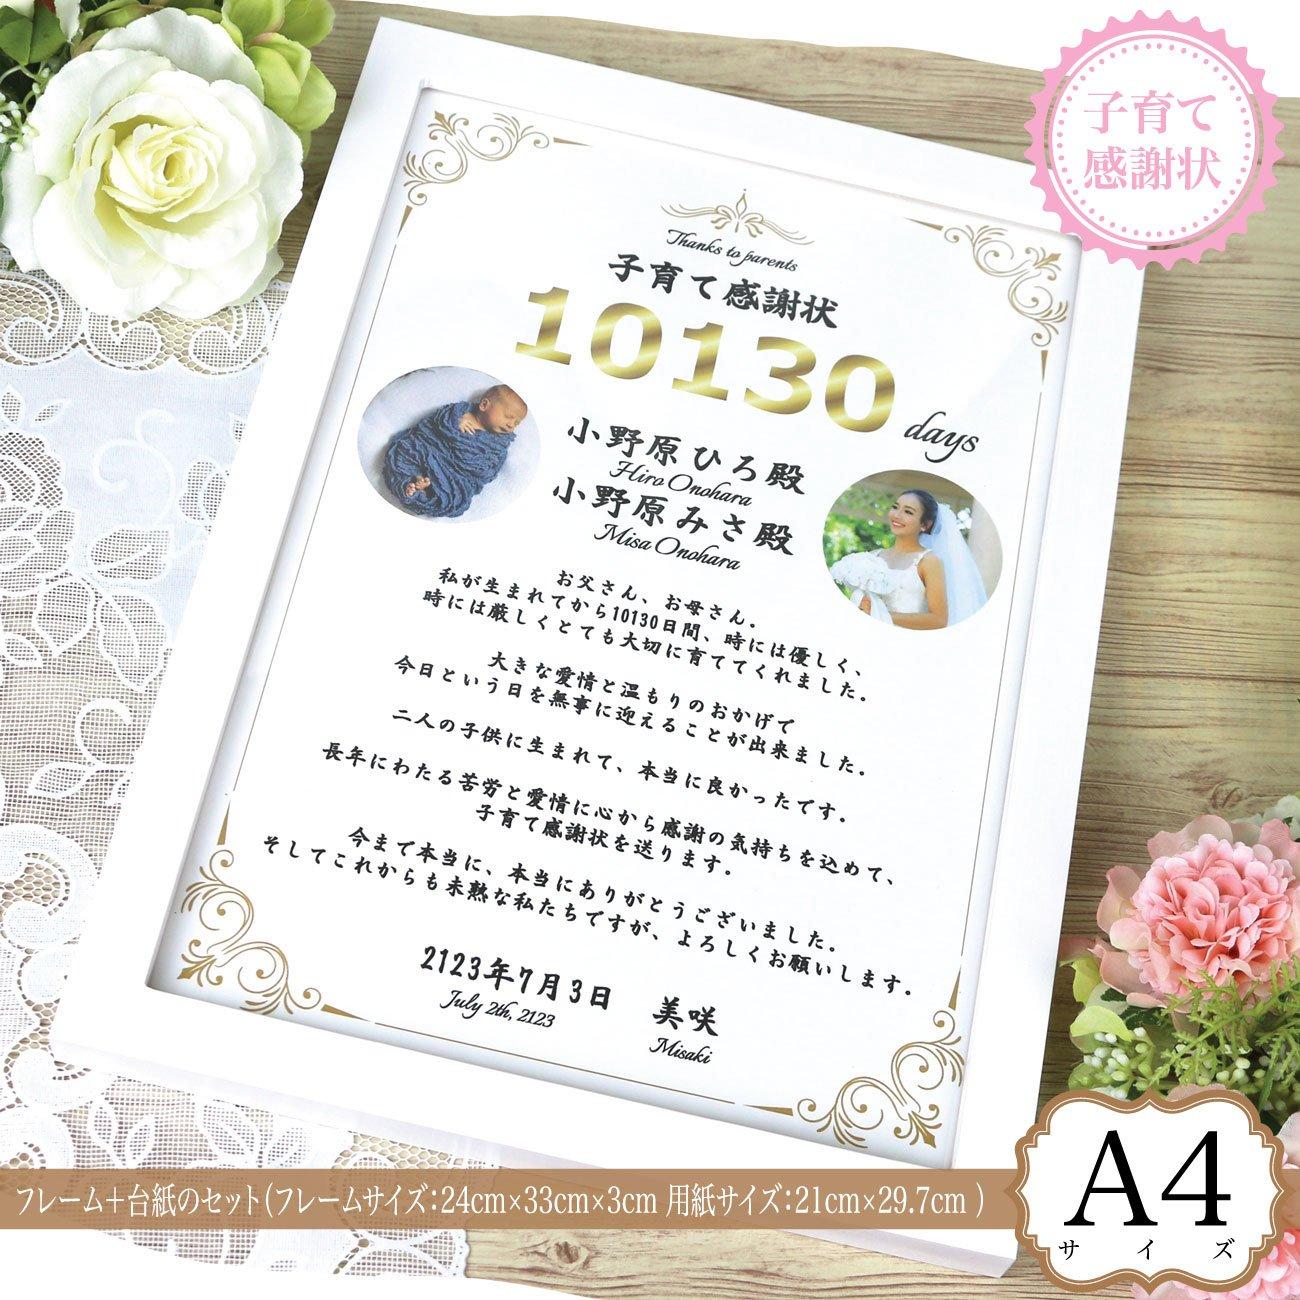 子育て感謝状 感謝状 両親への感謝状 両親へのプレゼント 結婚式 ブライダル ウェディングアイテム A4 サイズ (ホワイト) B07B3NGJ9B ホワイト ホワイト